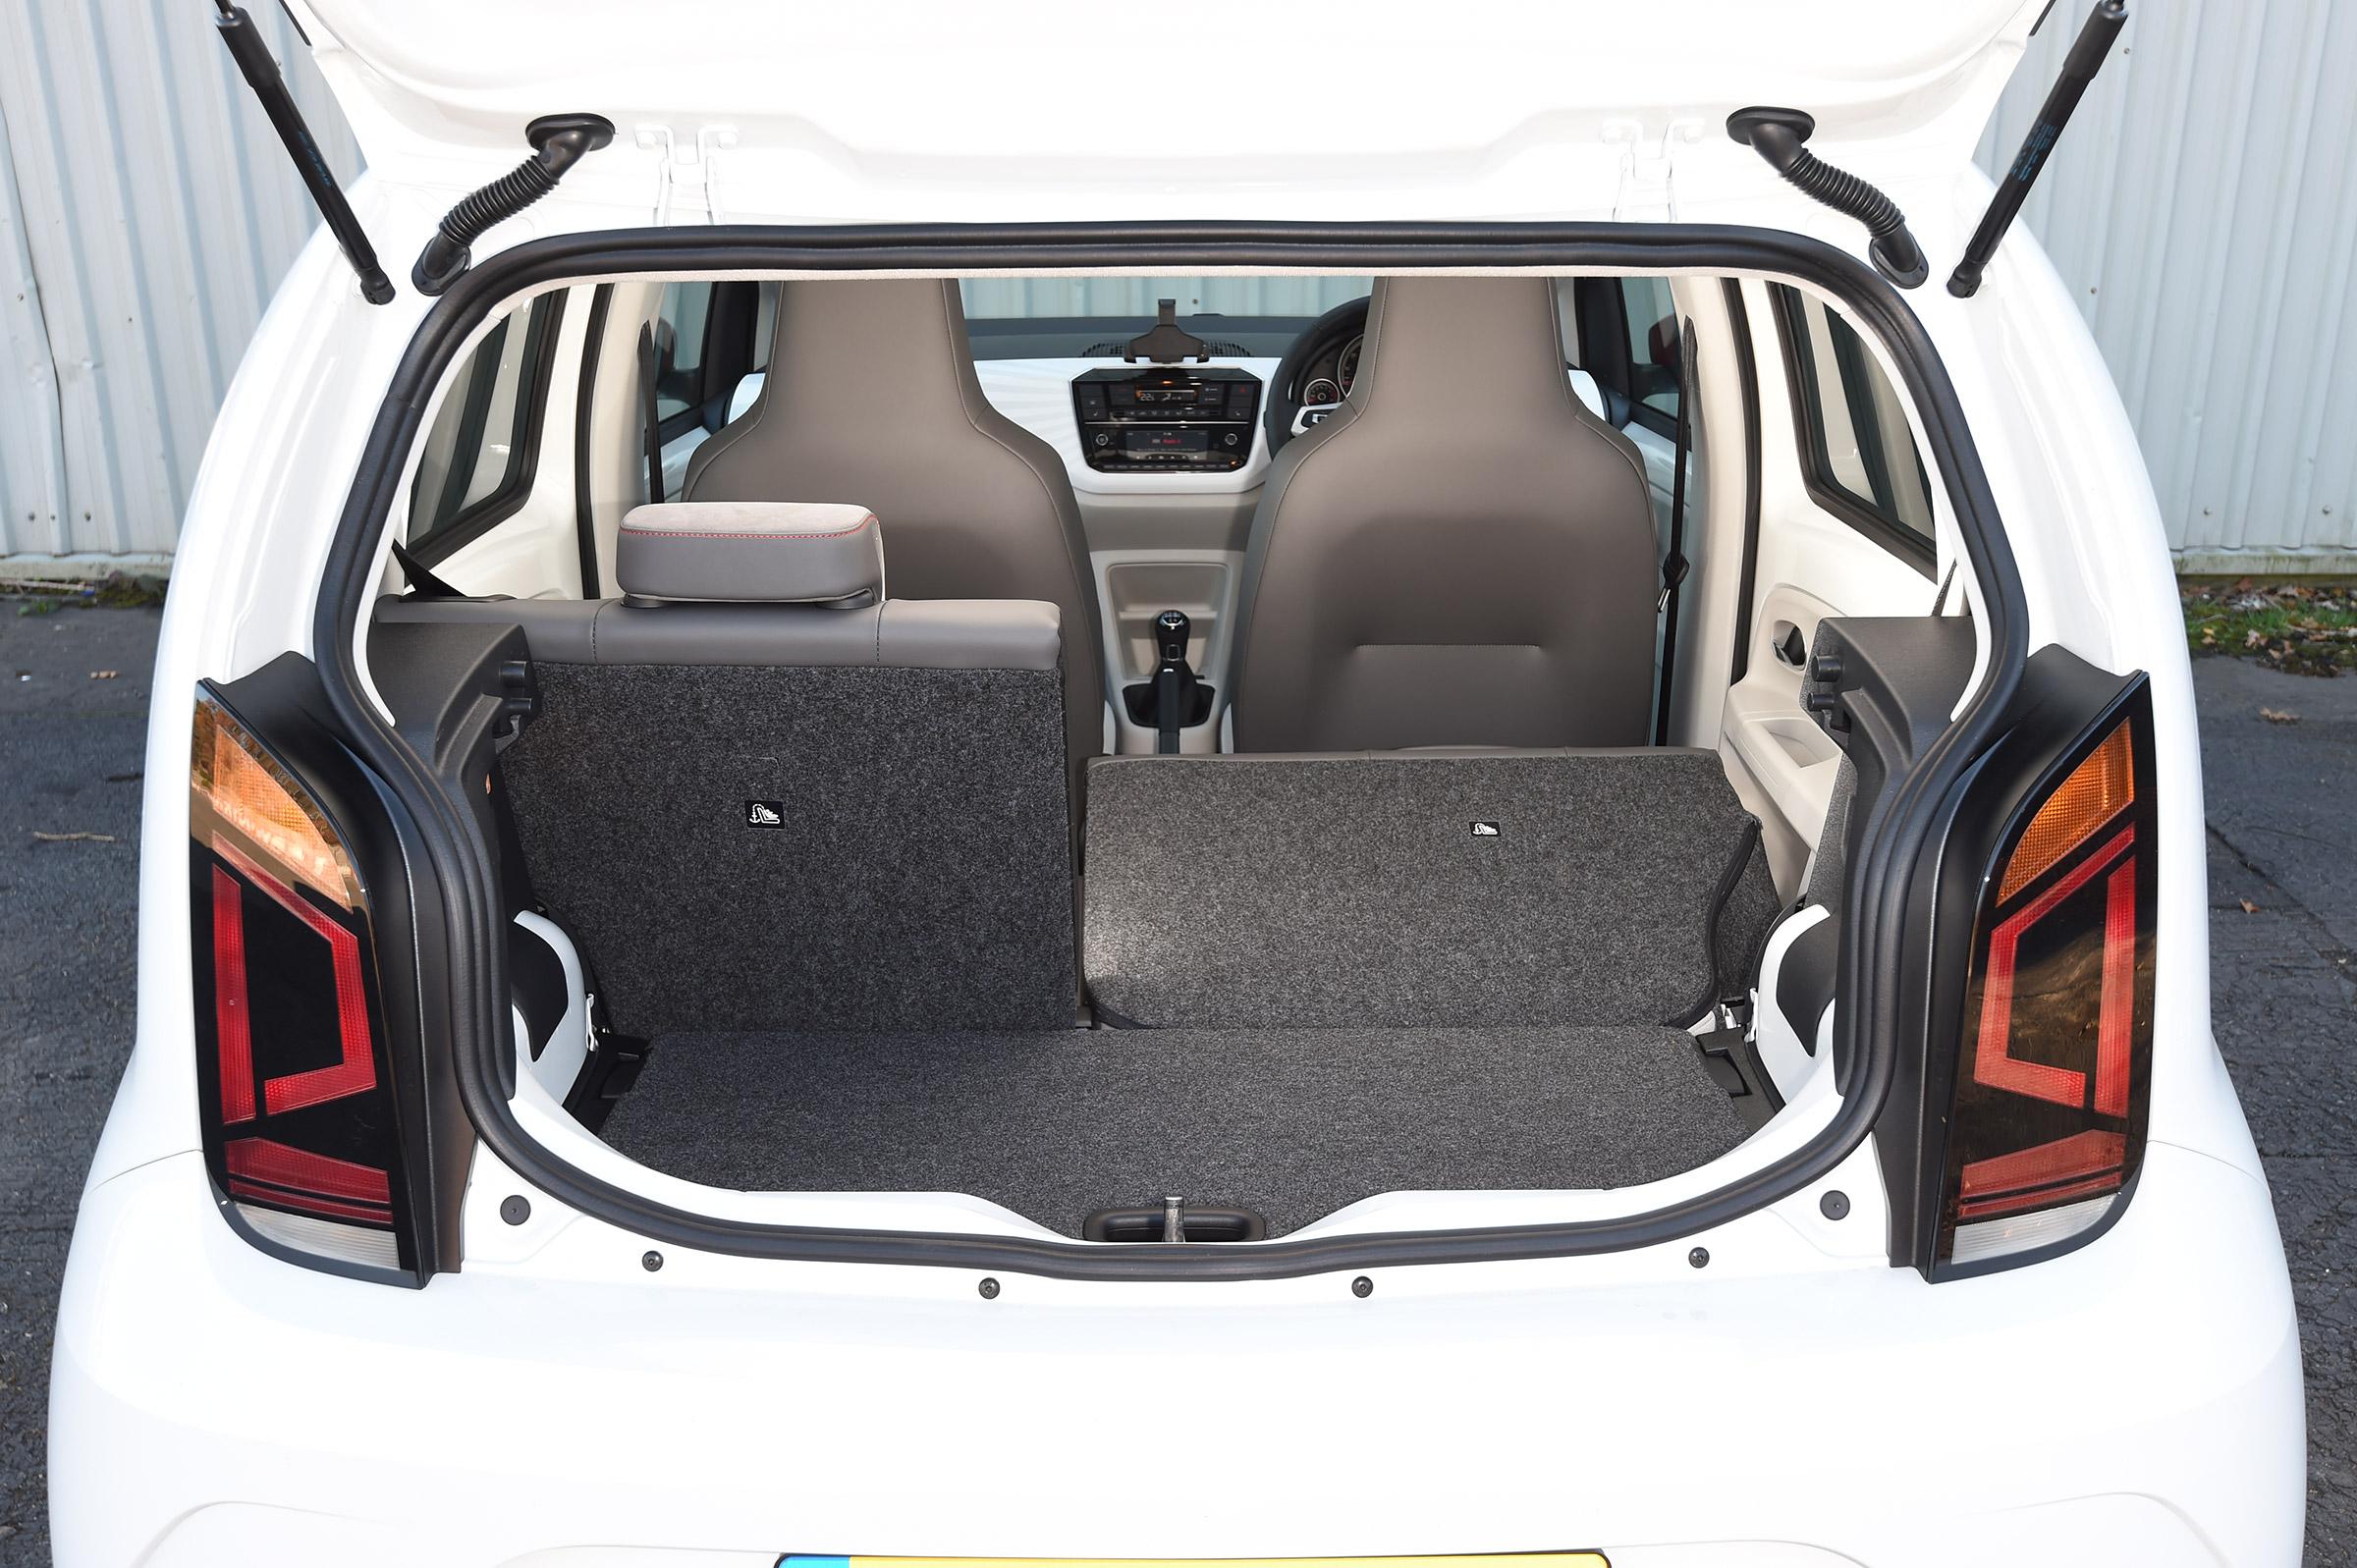 2017 Volkswagen Up Interior View Cargo (View 8 of 15)